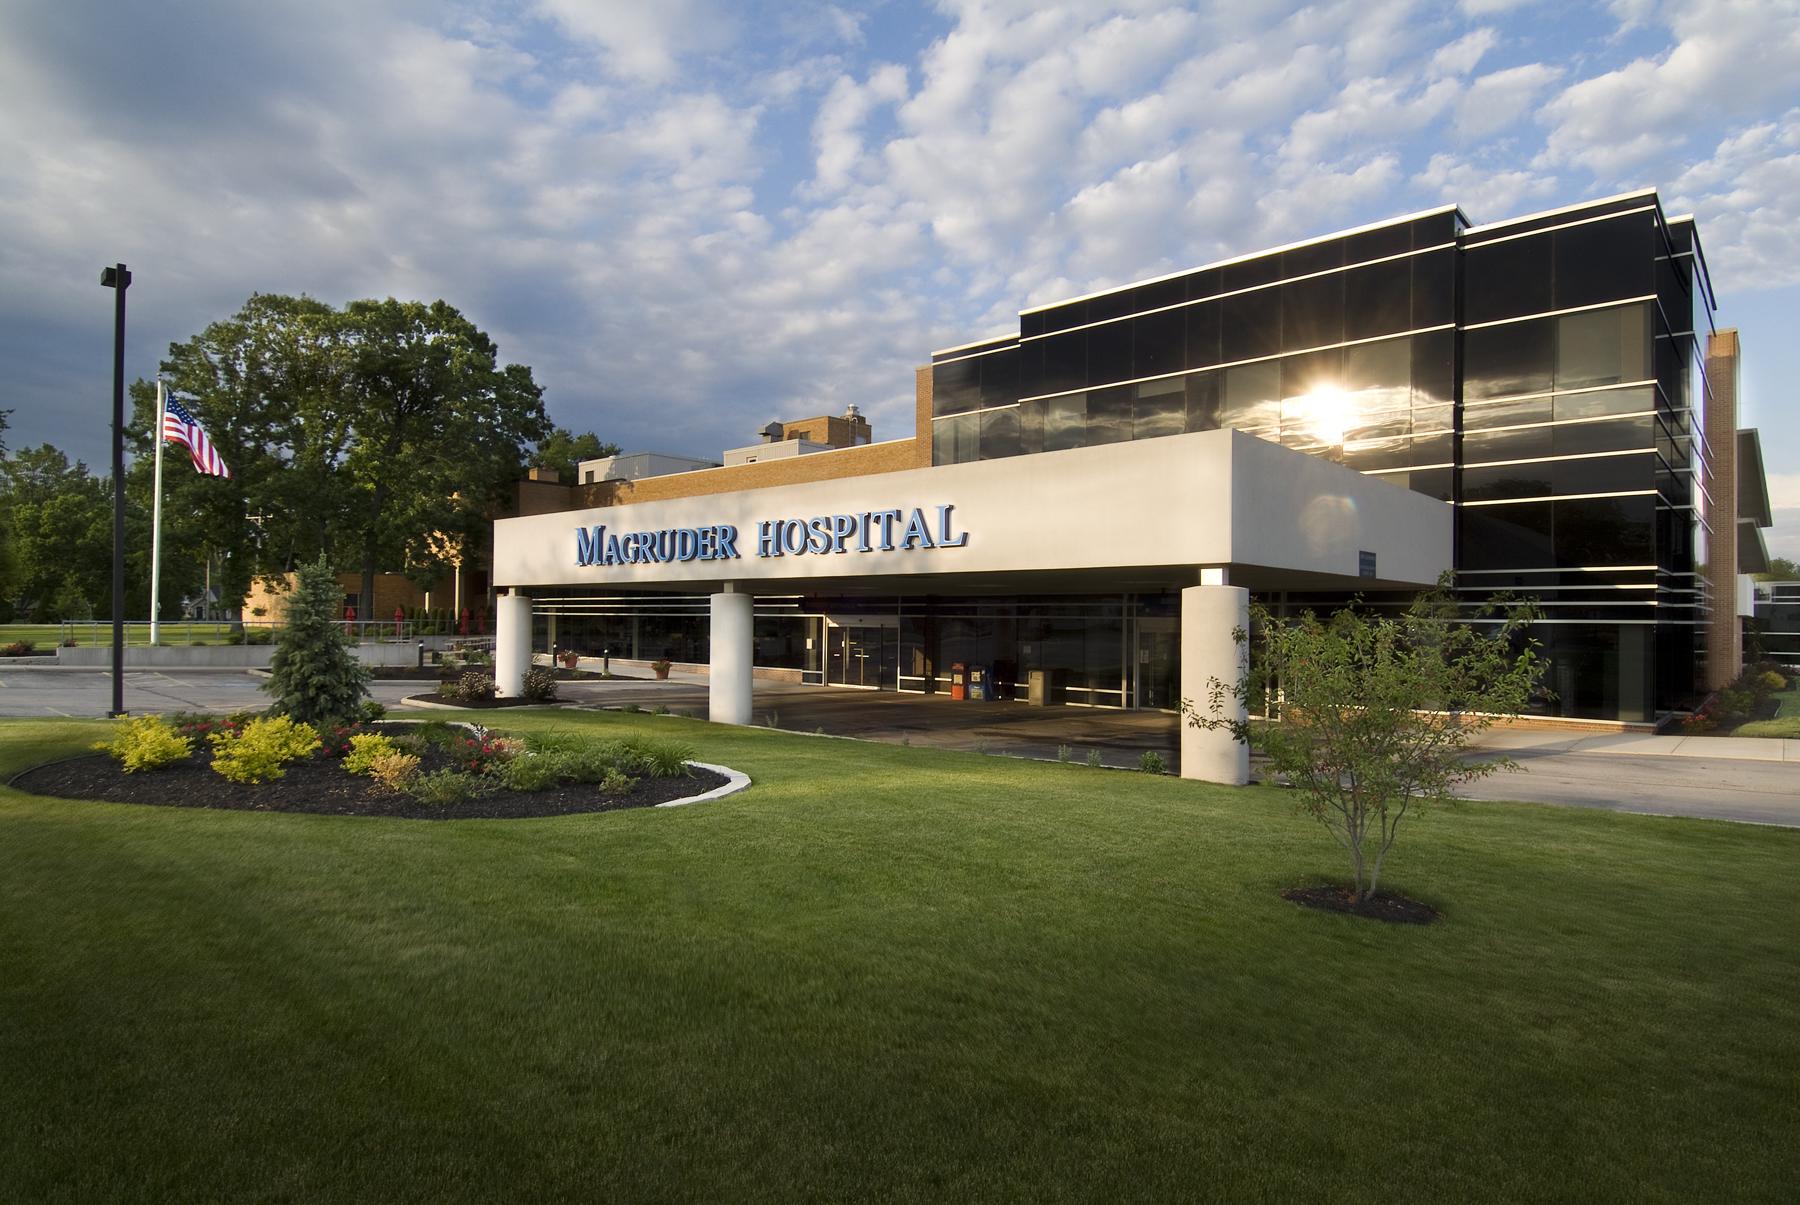 Magruder Hospital Image